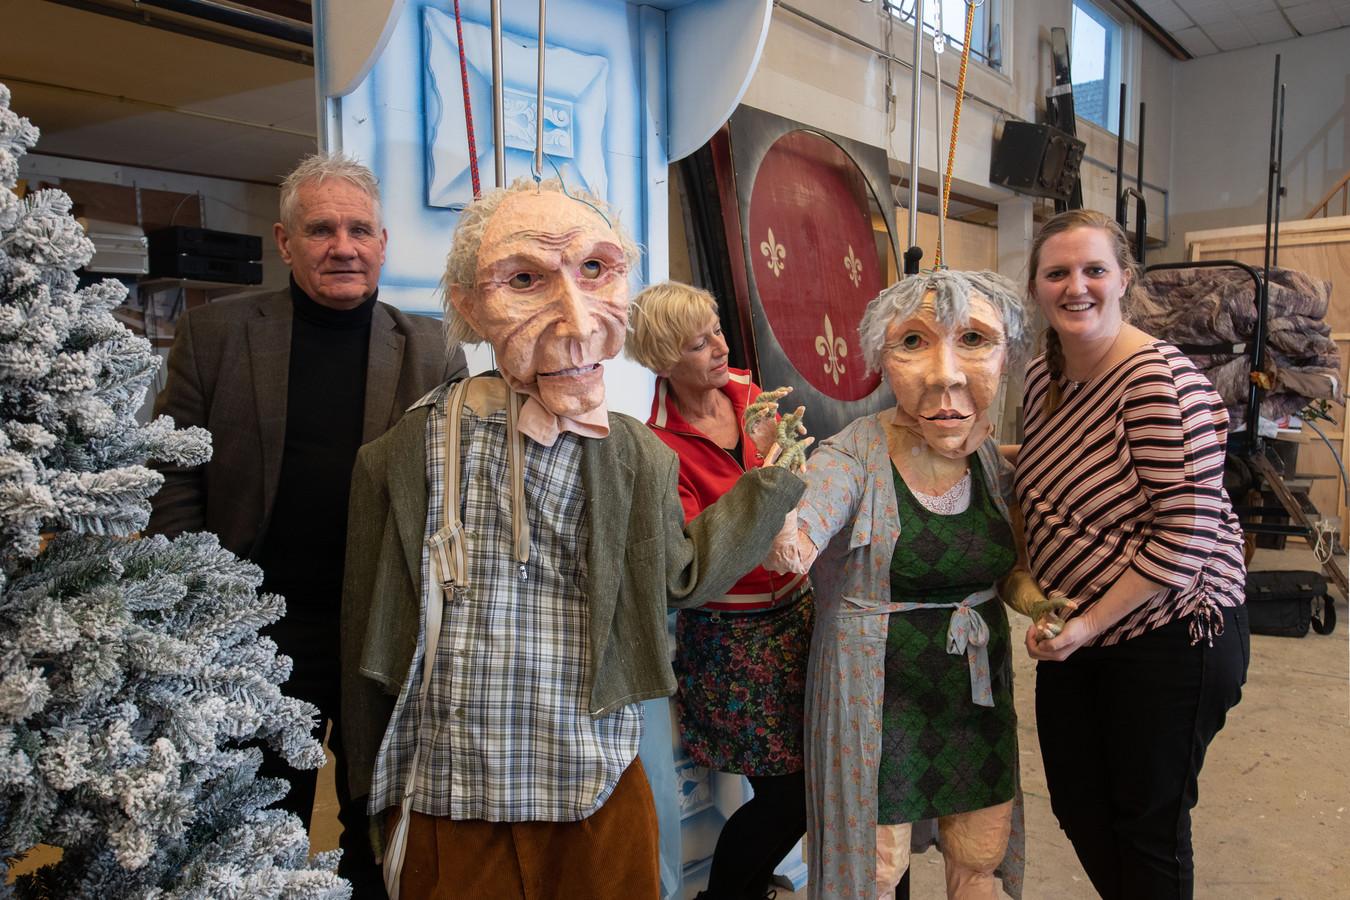 Presentatie van Kerst in Oud Kampenin de thuisbasis van Ventura aan de Noordweg. Met een act die terugkeert in de theaterstraat. Van links naar rechts organisatoren Jan Liefting, Gerrie Kragt en Emma Quilligan.